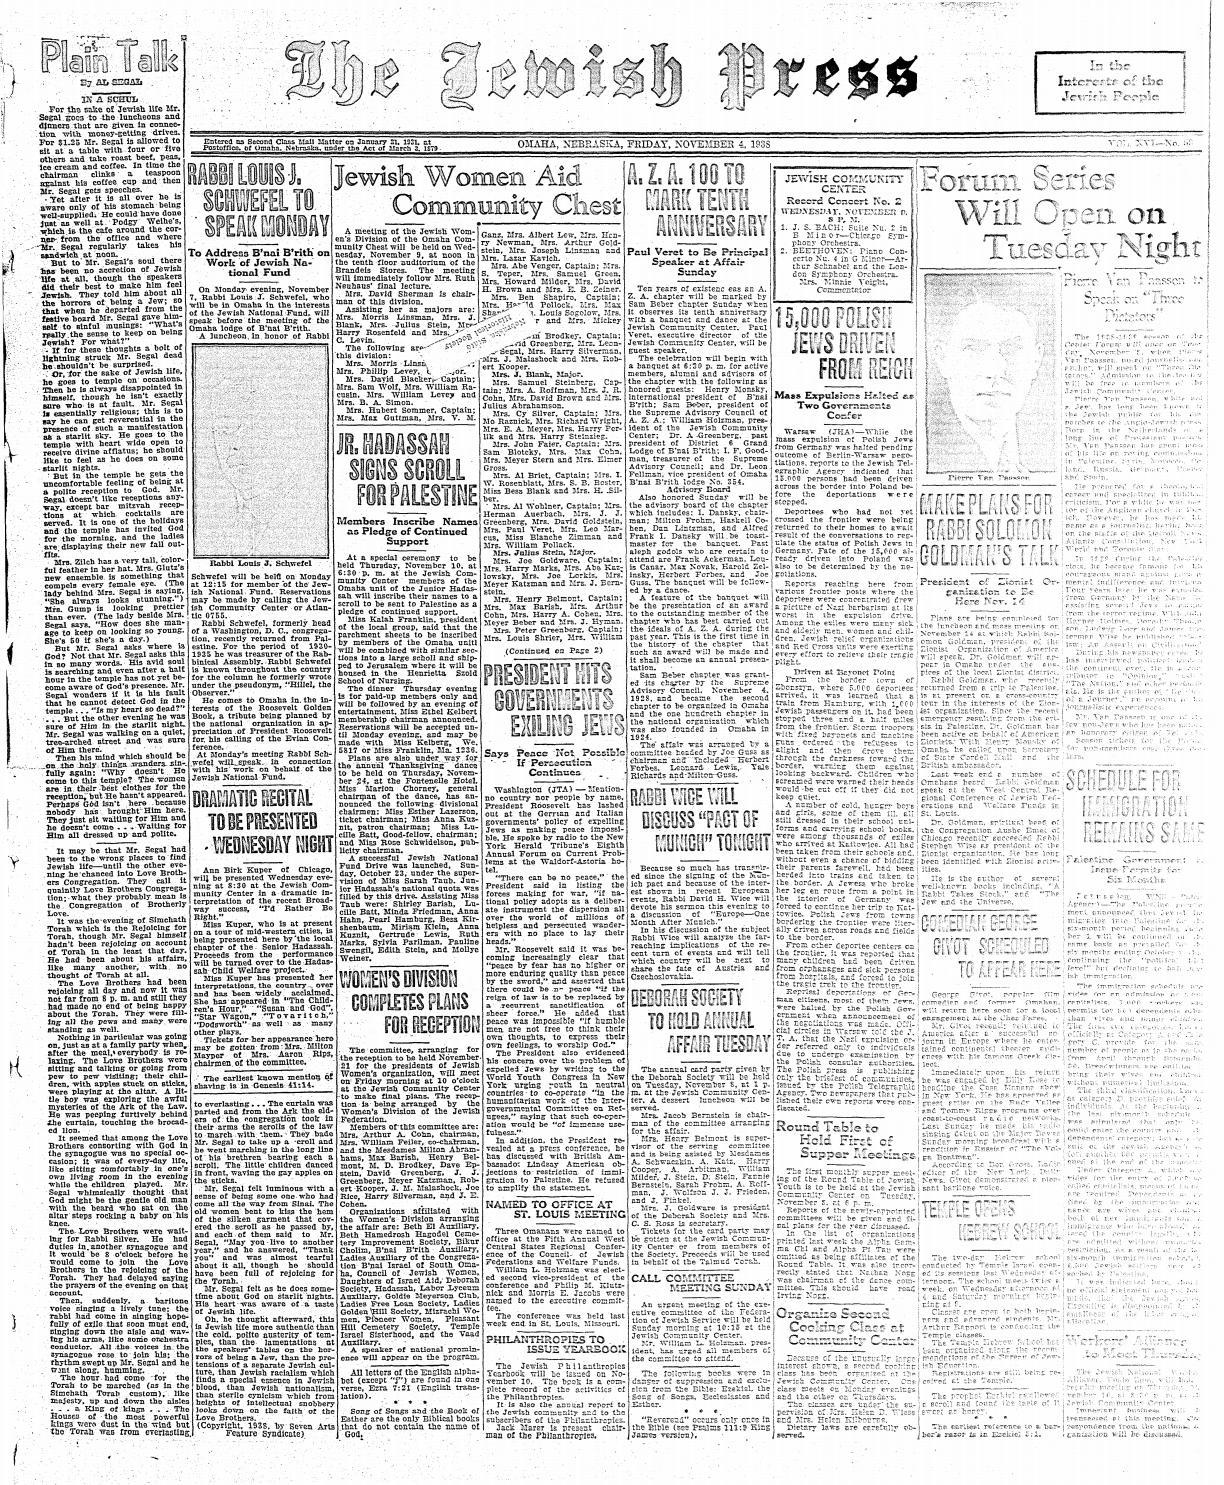 November 4, 1938